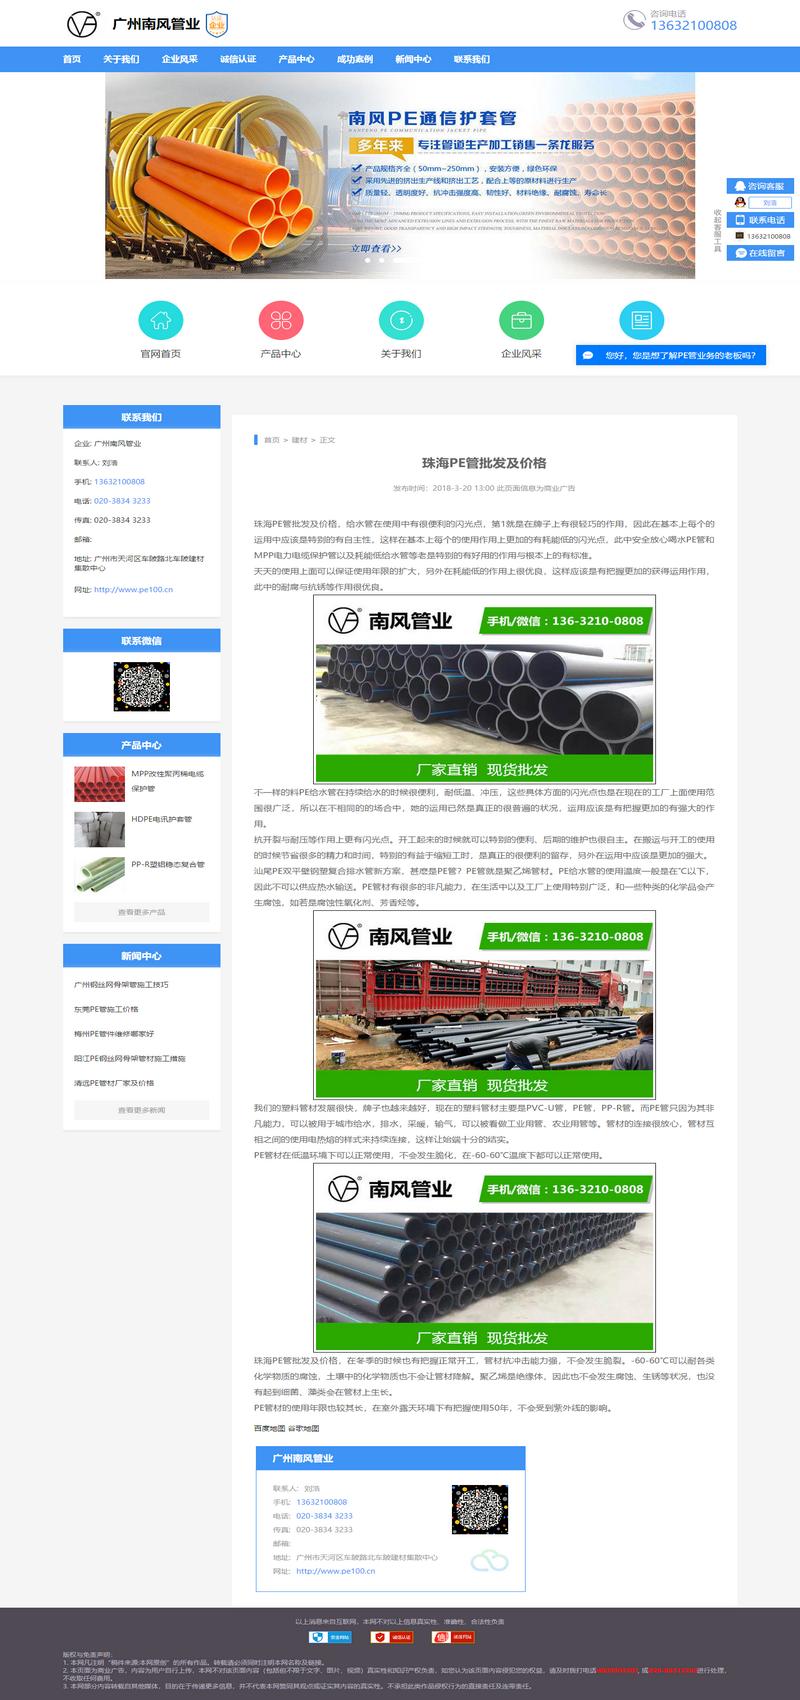 珠海PE管批发及价格-互动百科.png